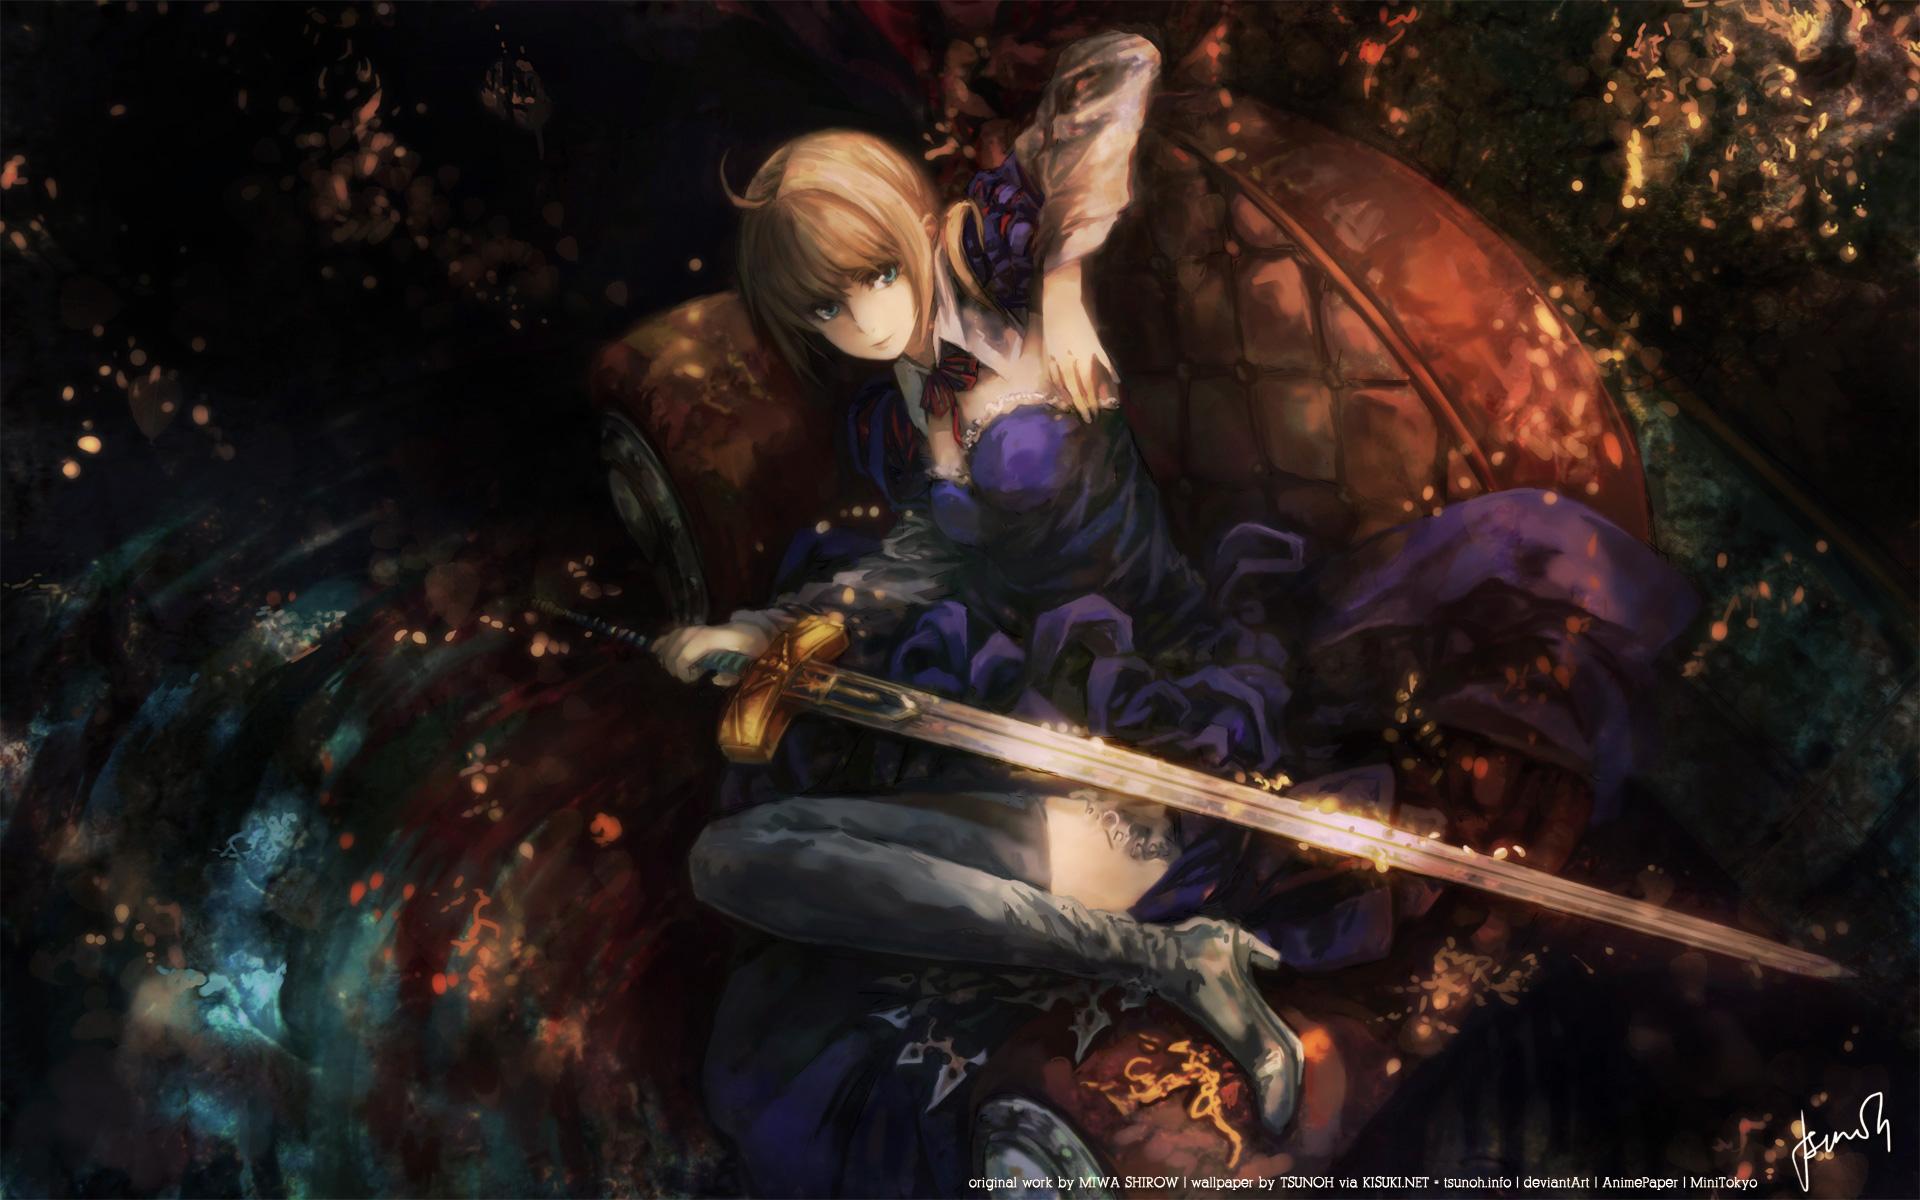 Konachancom   137977 fate stay night miwa shirow saber sword weapon 1920x1200